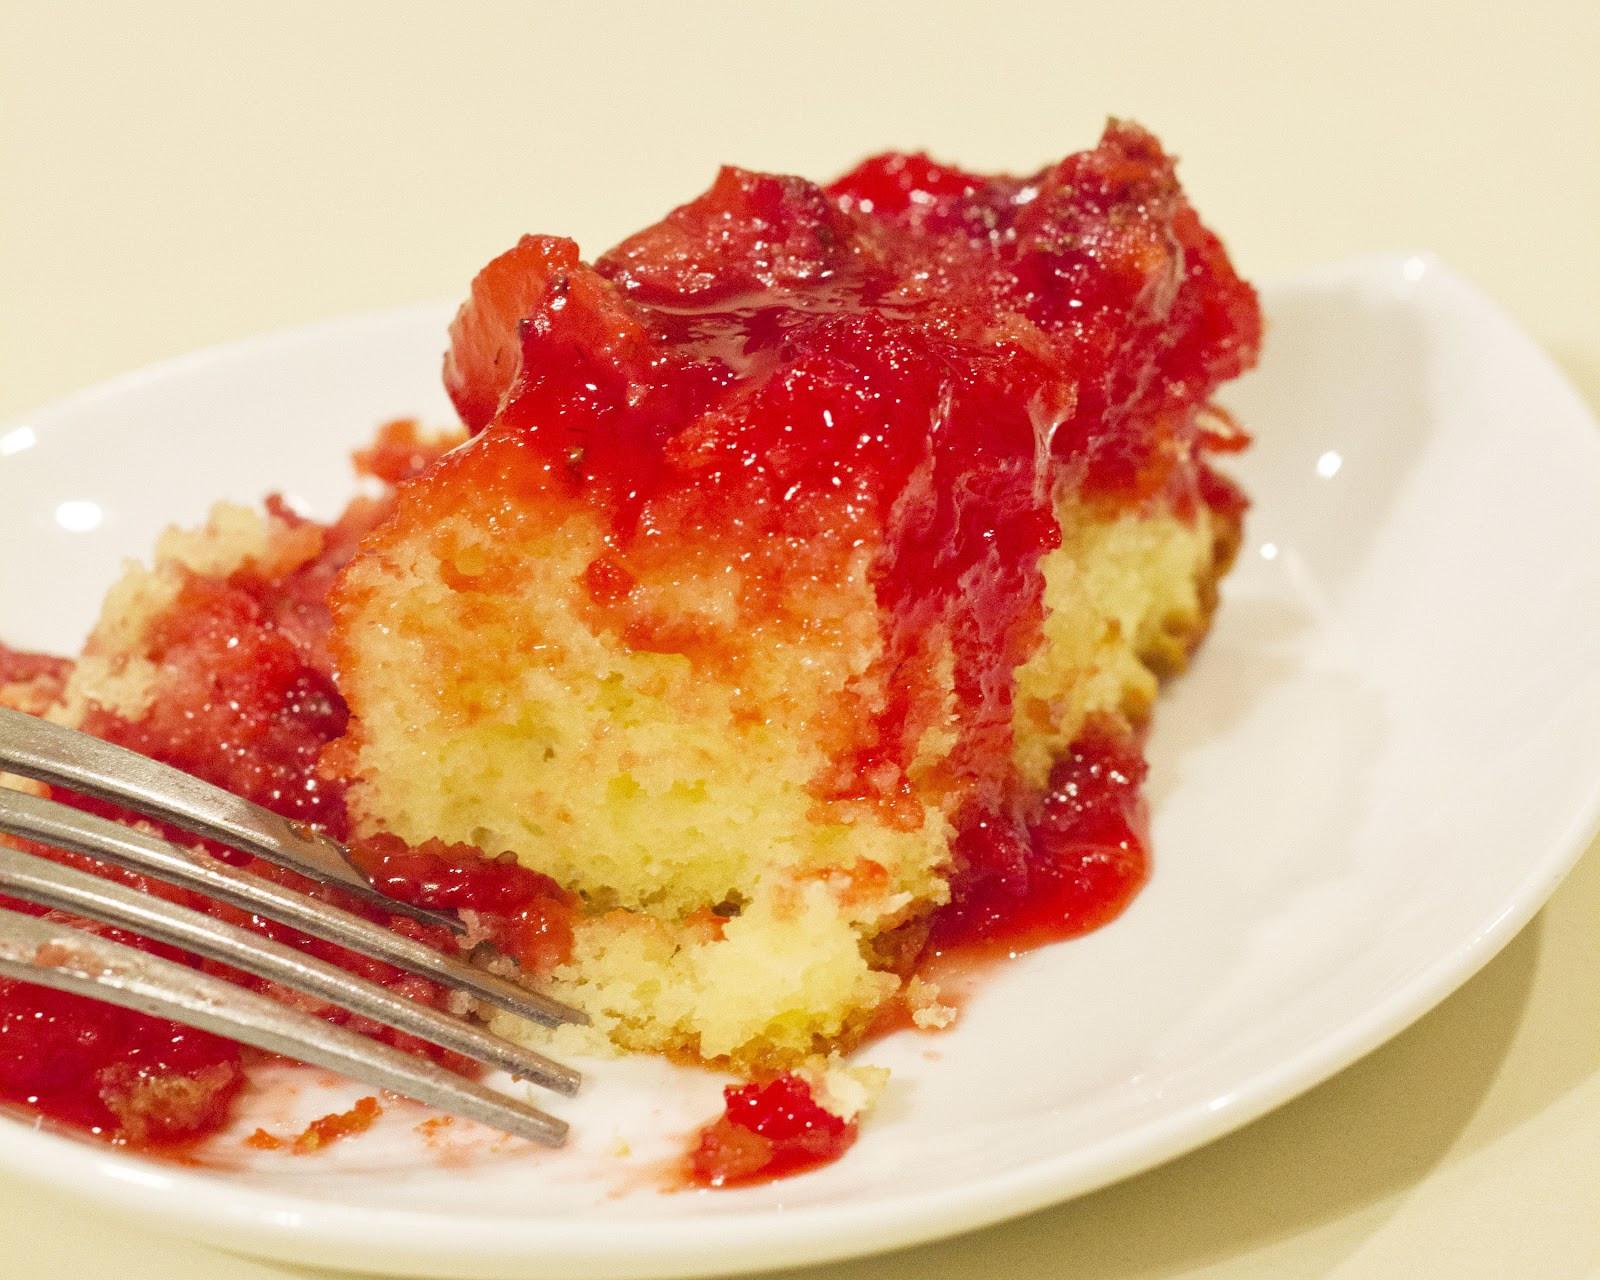 Strawberry Upside Down Cake  ButchInTheKitchen Strawberry Upside Down Cake